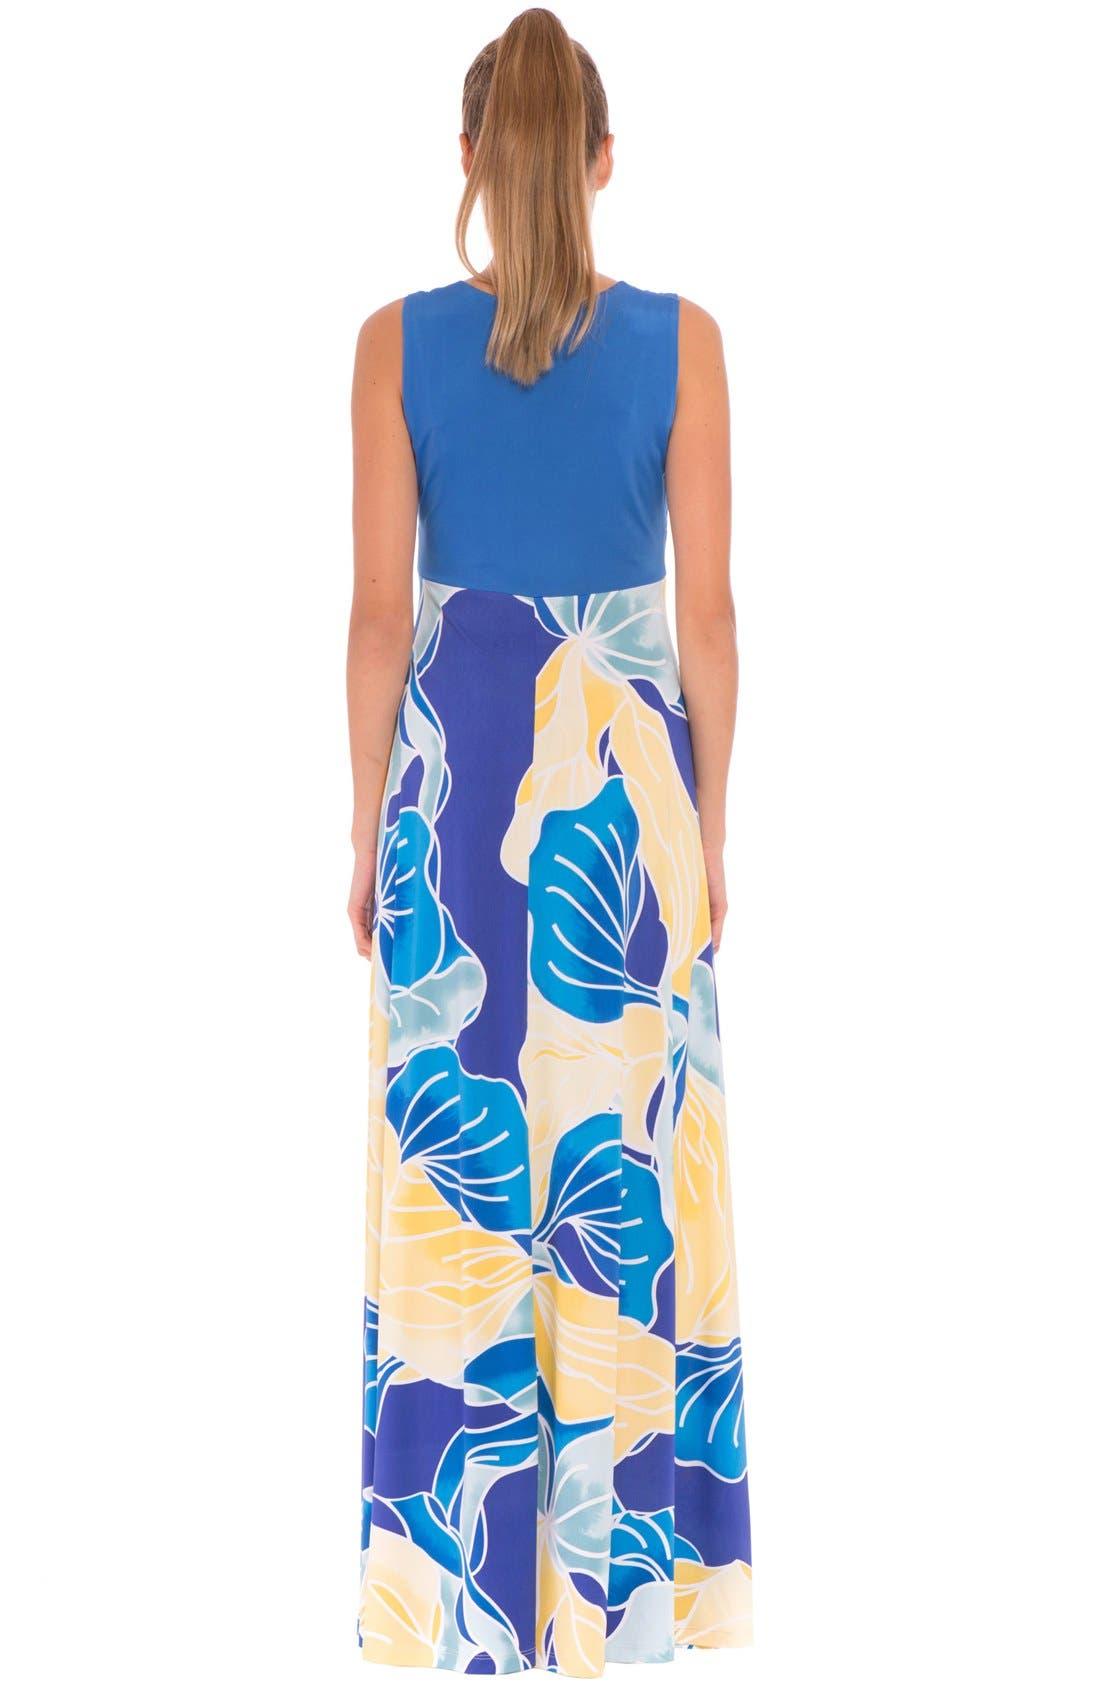 'Sharon' Maternity Maxi Dress,                             Alternate thumbnail 2, color,                             443